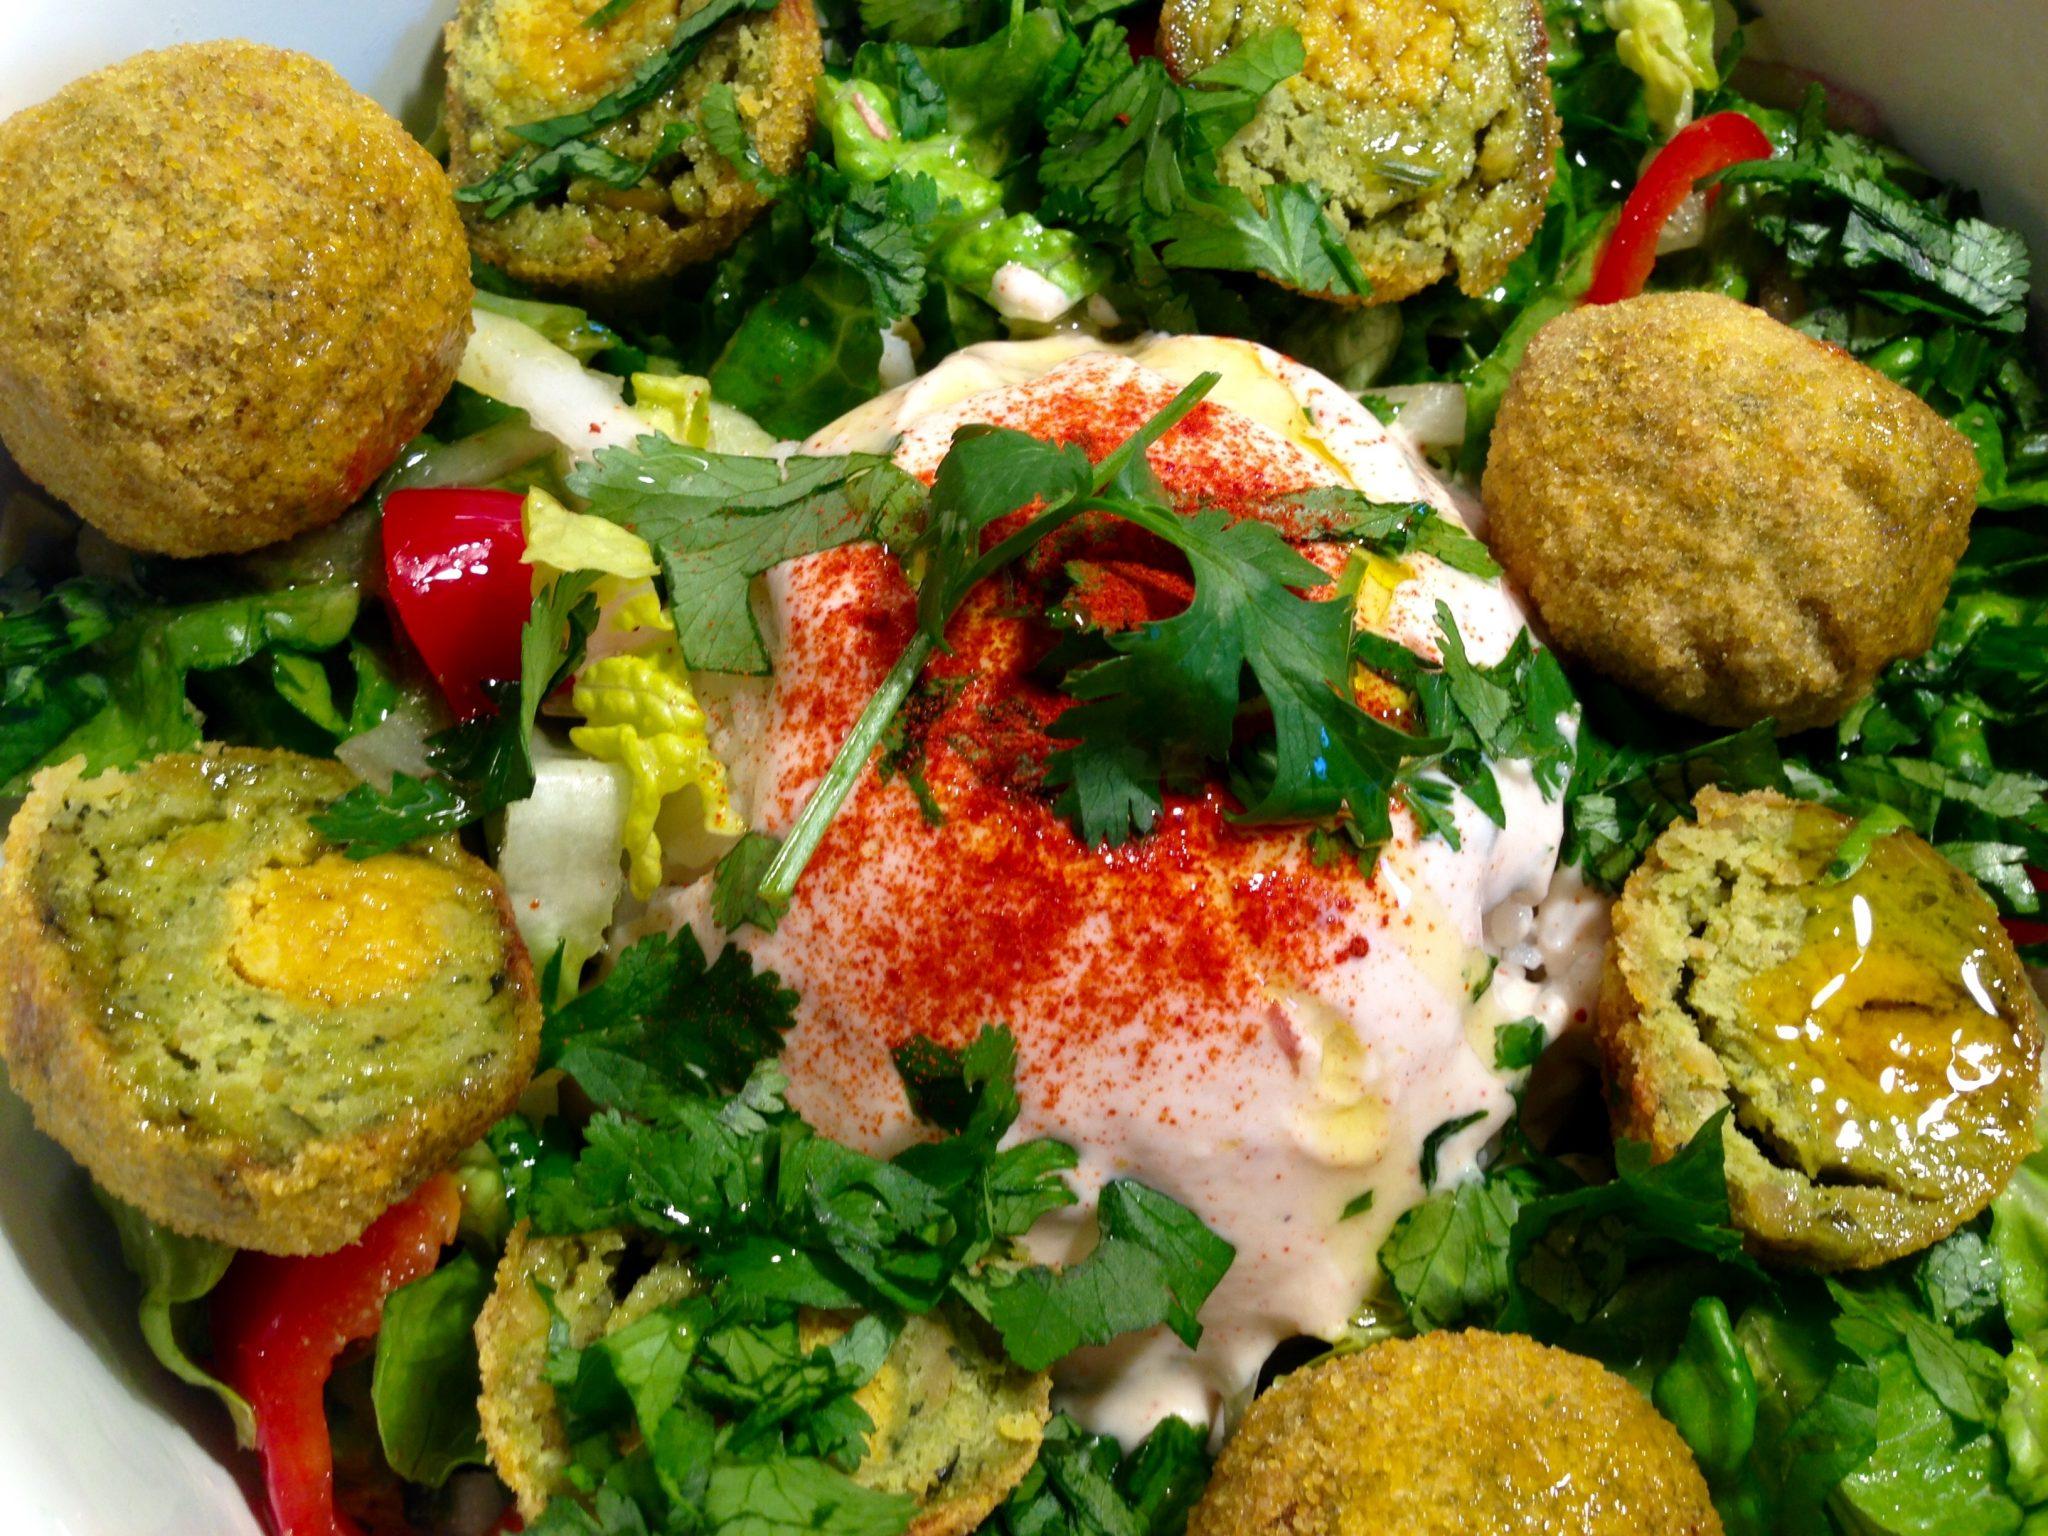 Ein frisches Gericht: Falafel mit Salat